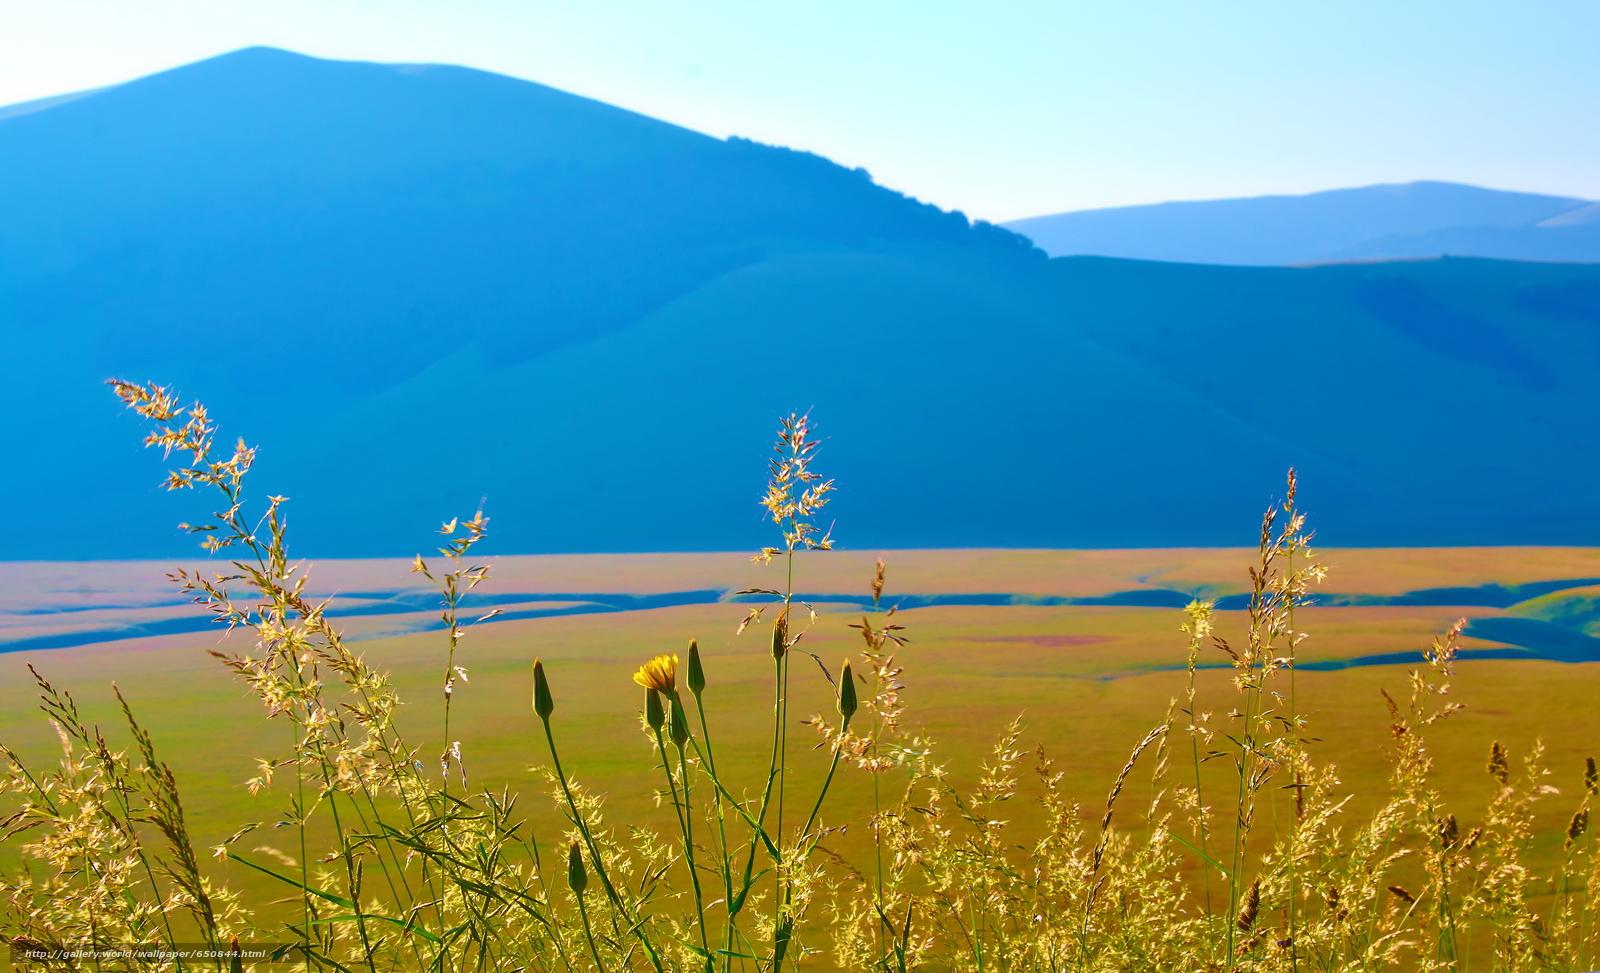 Скачать обои Италия,  горы,  поле,  небо бесплатно для рабочего стола в разрешении 3840x2335 — картинка №650844